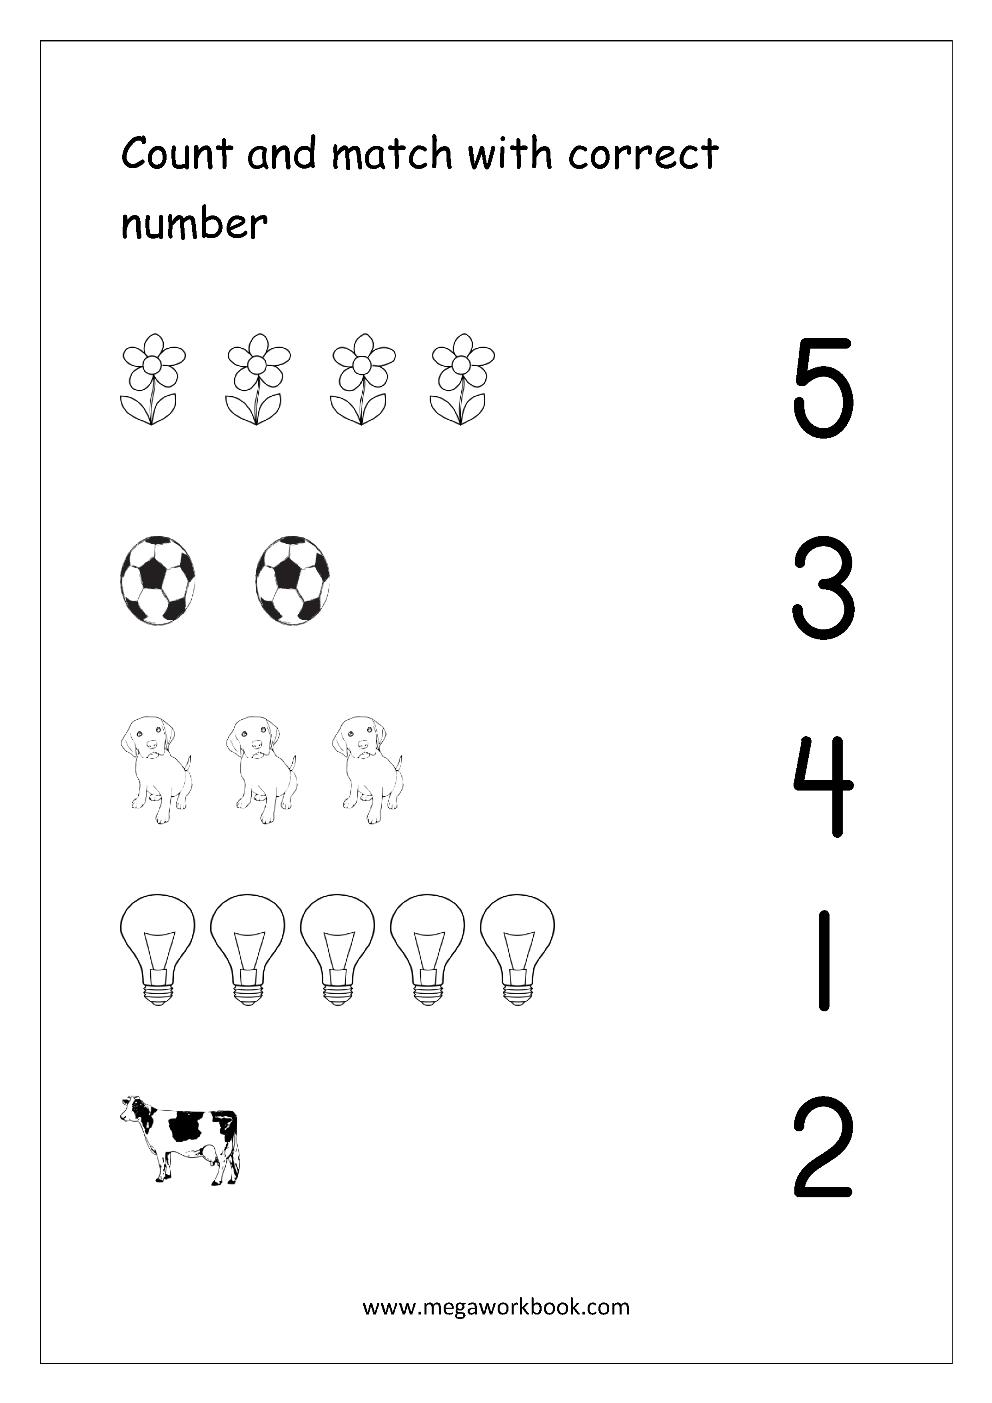 Free Printable Number Matching Worksheets For Kindergarten And | Free Printable Number Worksheets For Kindergarten